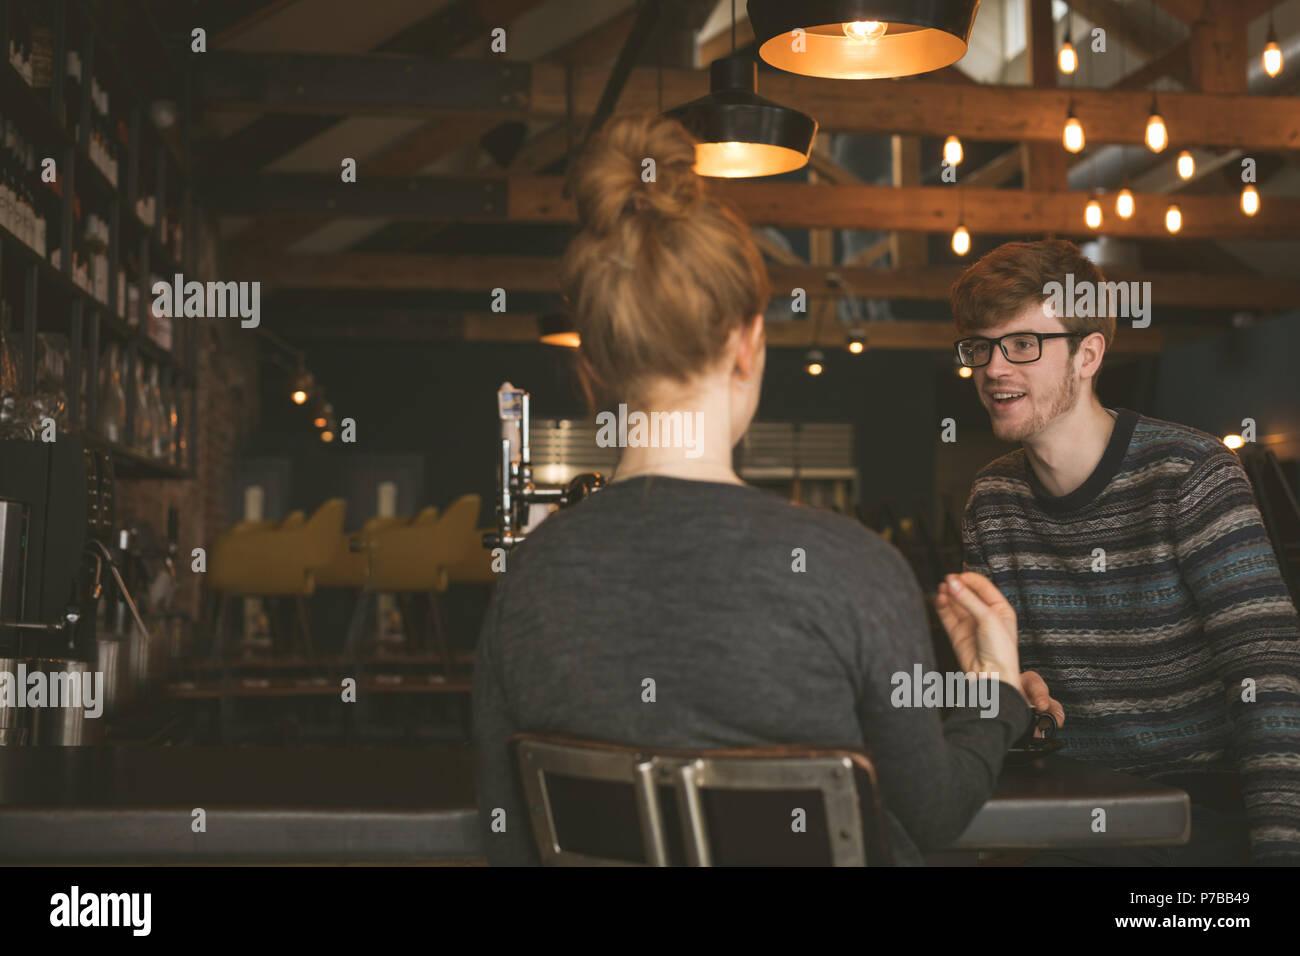 Paare, die miteinander sprechen, an der Theke Stockbild